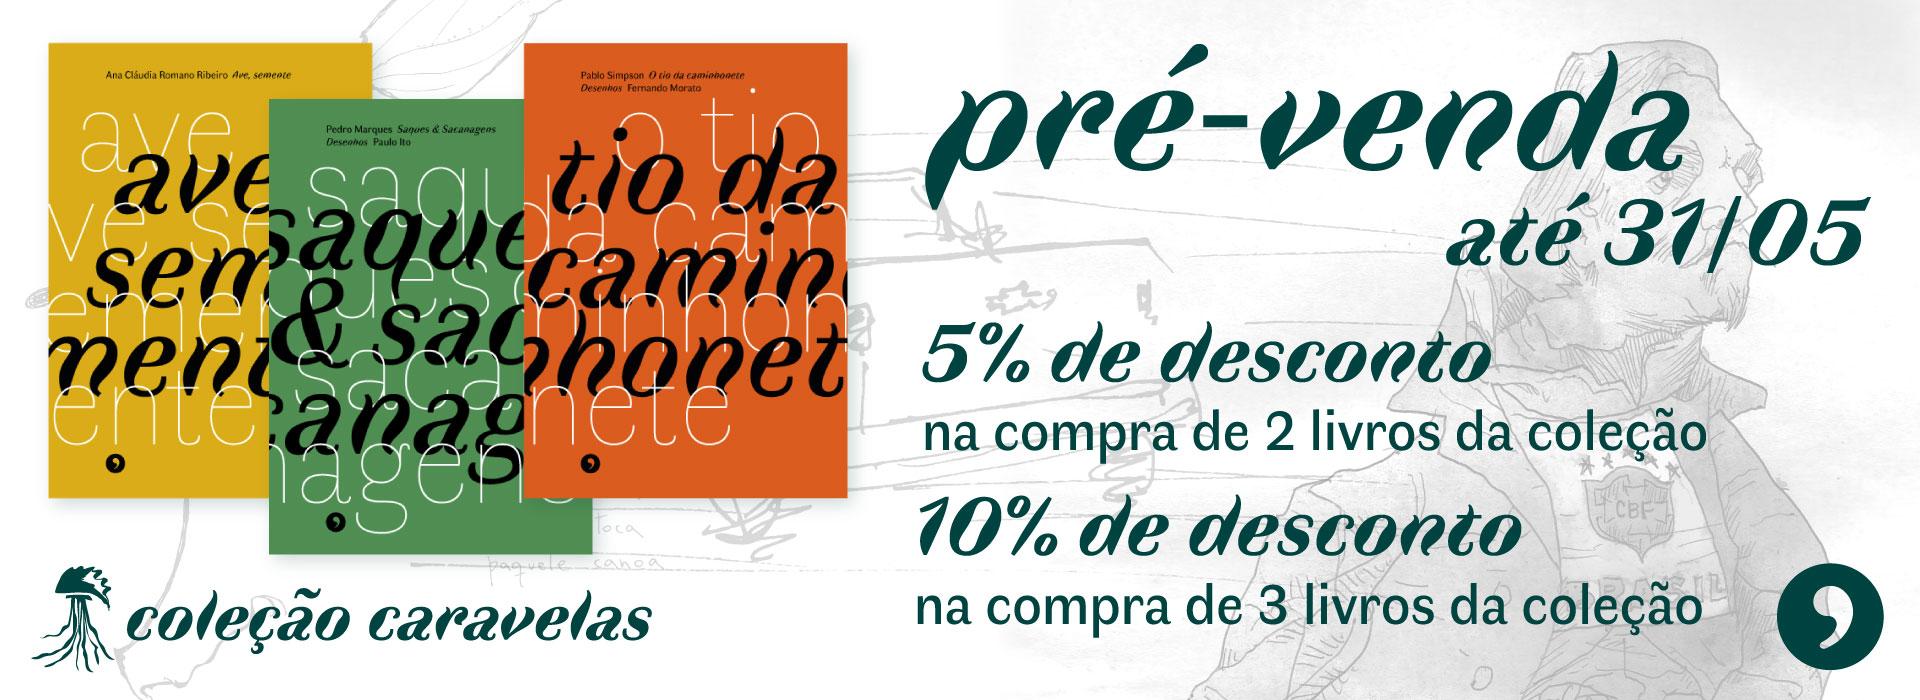 Pré-venda até 31/05 dos livros Ave, semente, Saques & Sacanagens e O tio da caminhonete. 5% de desconto na compra de dois livros da coleção, 10% de desconto na compra de 3 livros.